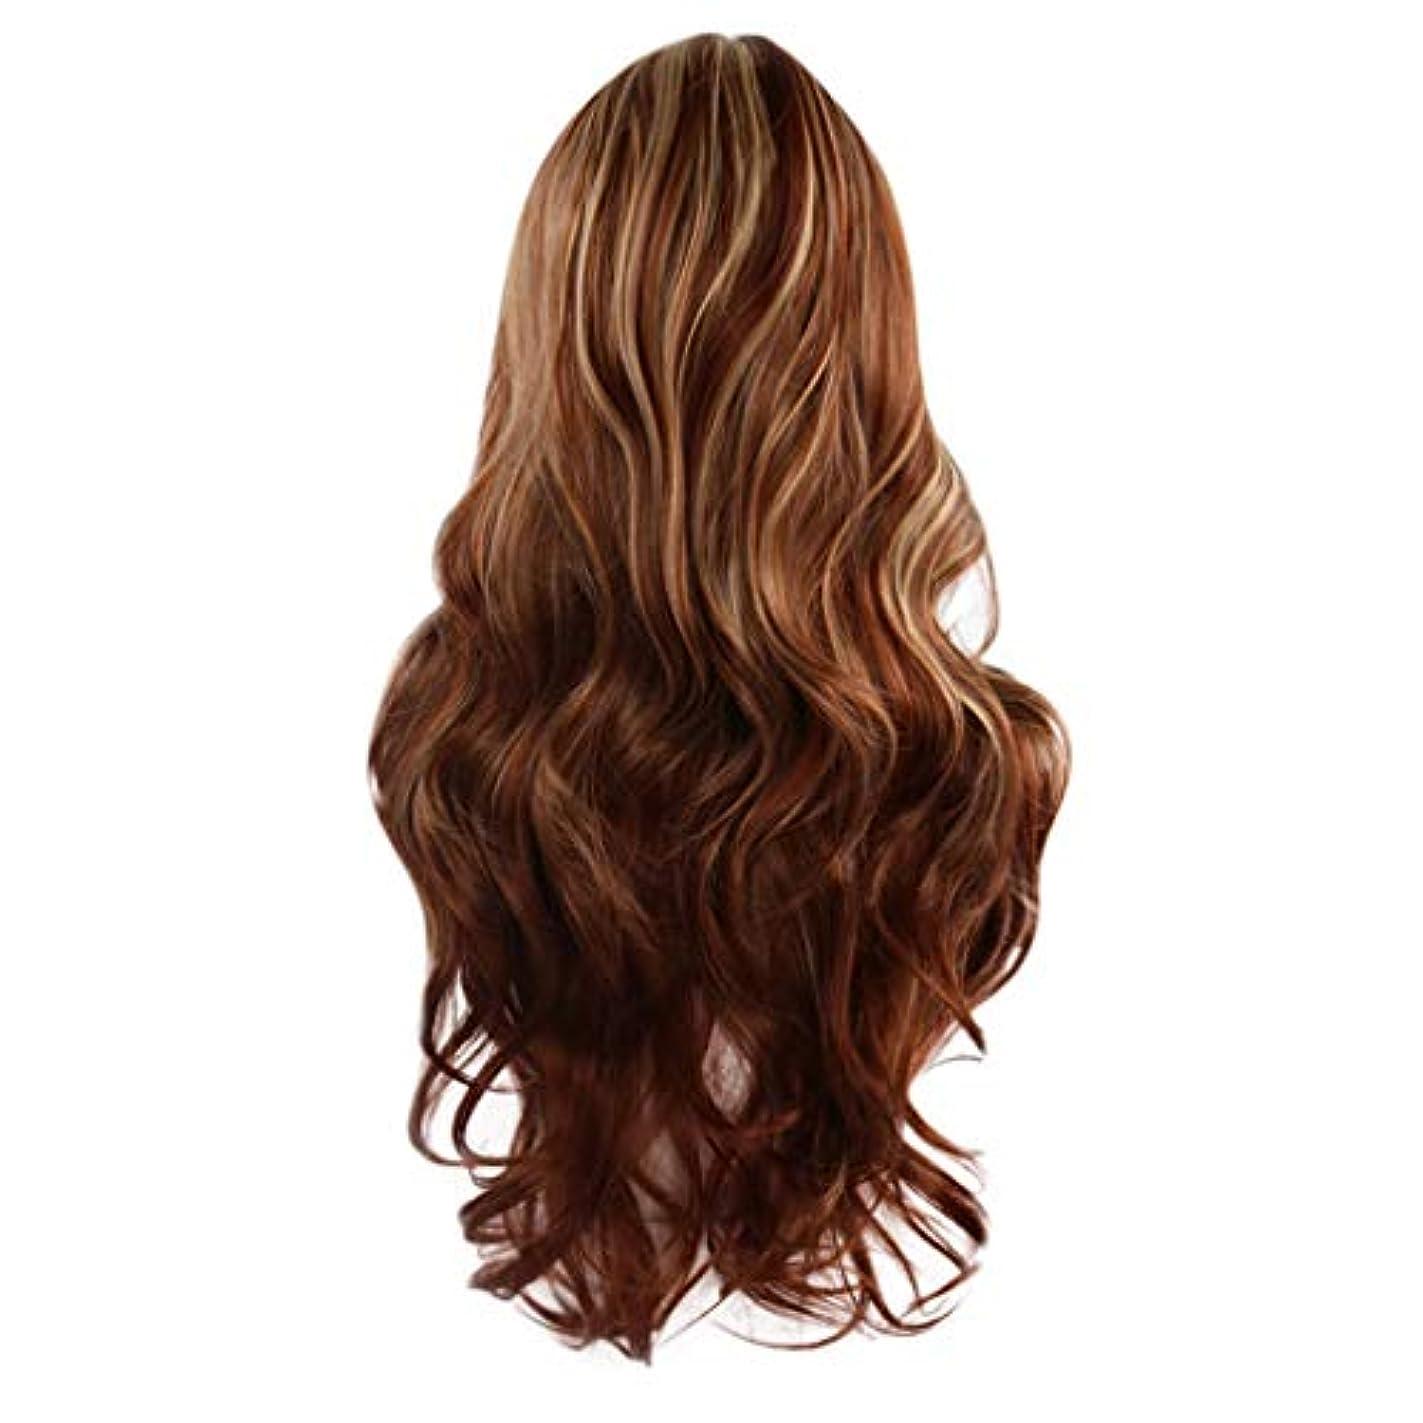 ジョブダーベビルのテスバナナ女性の茶色の長いウェーブのかかった巻き毛のかつらフルウィッグローズネット